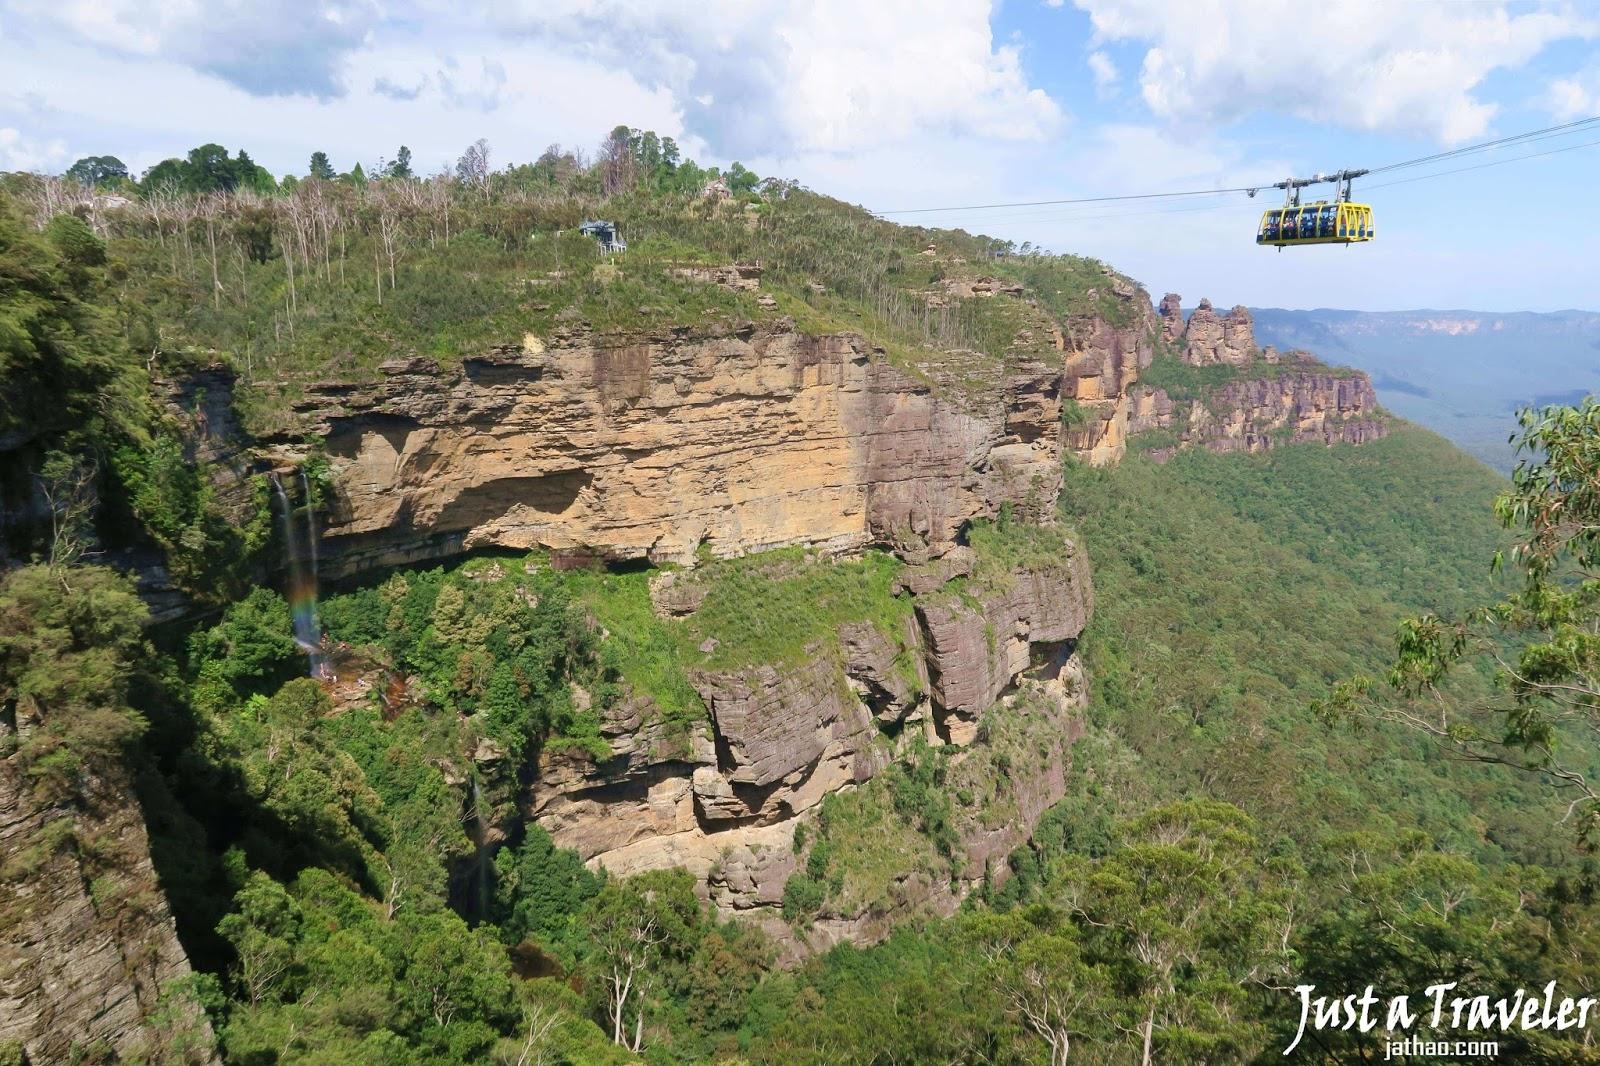 雪梨-景點-推薦-藍山國家公園-景觀世界-旅遊-自由行-澳洲-Sydney-Blue-Mountain-National-Park-Scenic-World-Travel-Australia